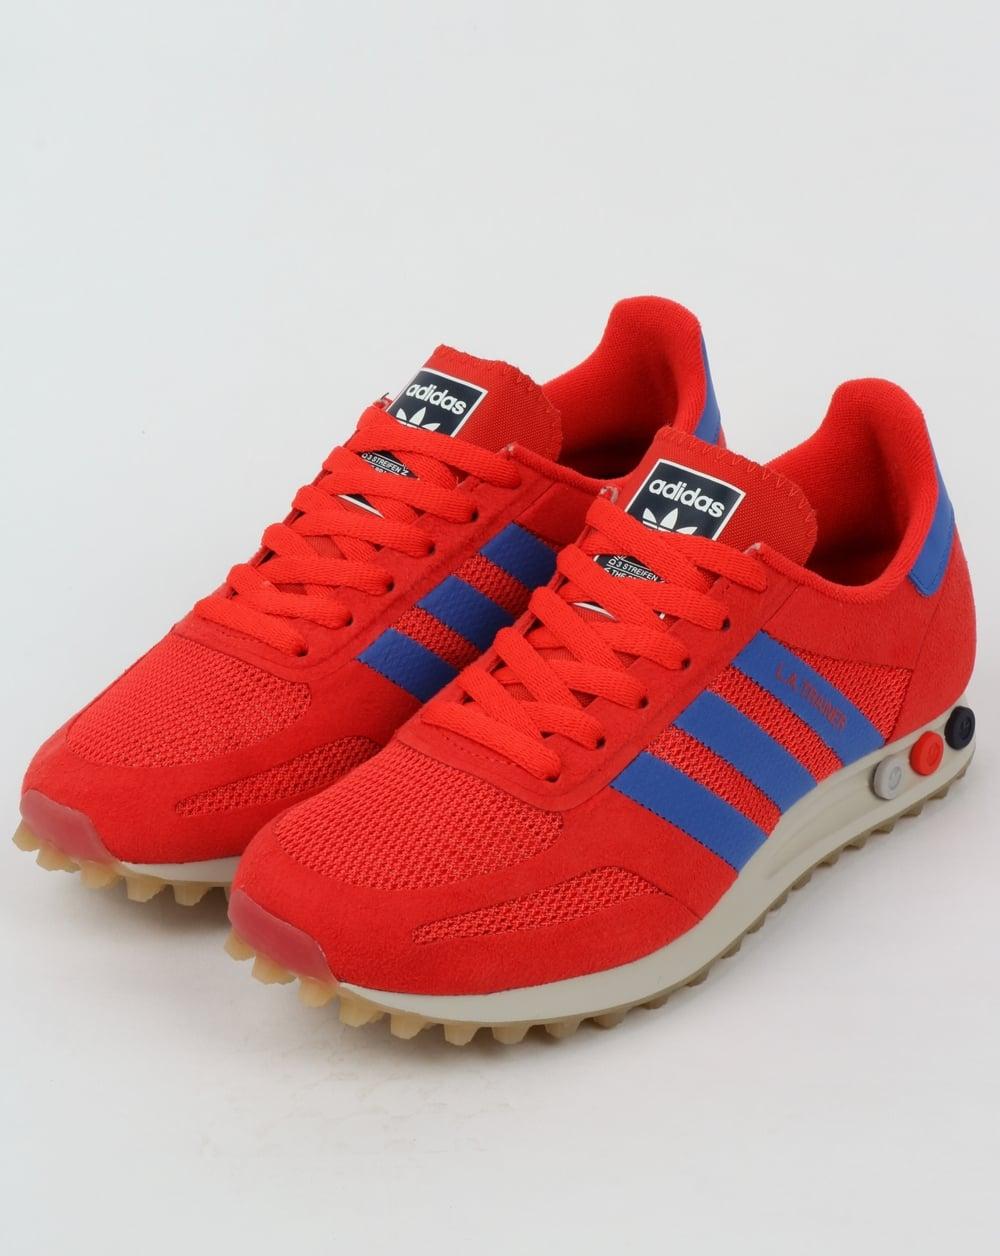 78a587189e4a2 adidas Trainers Adidas LA OG Trainer Hi Res Red Hi Res Blue